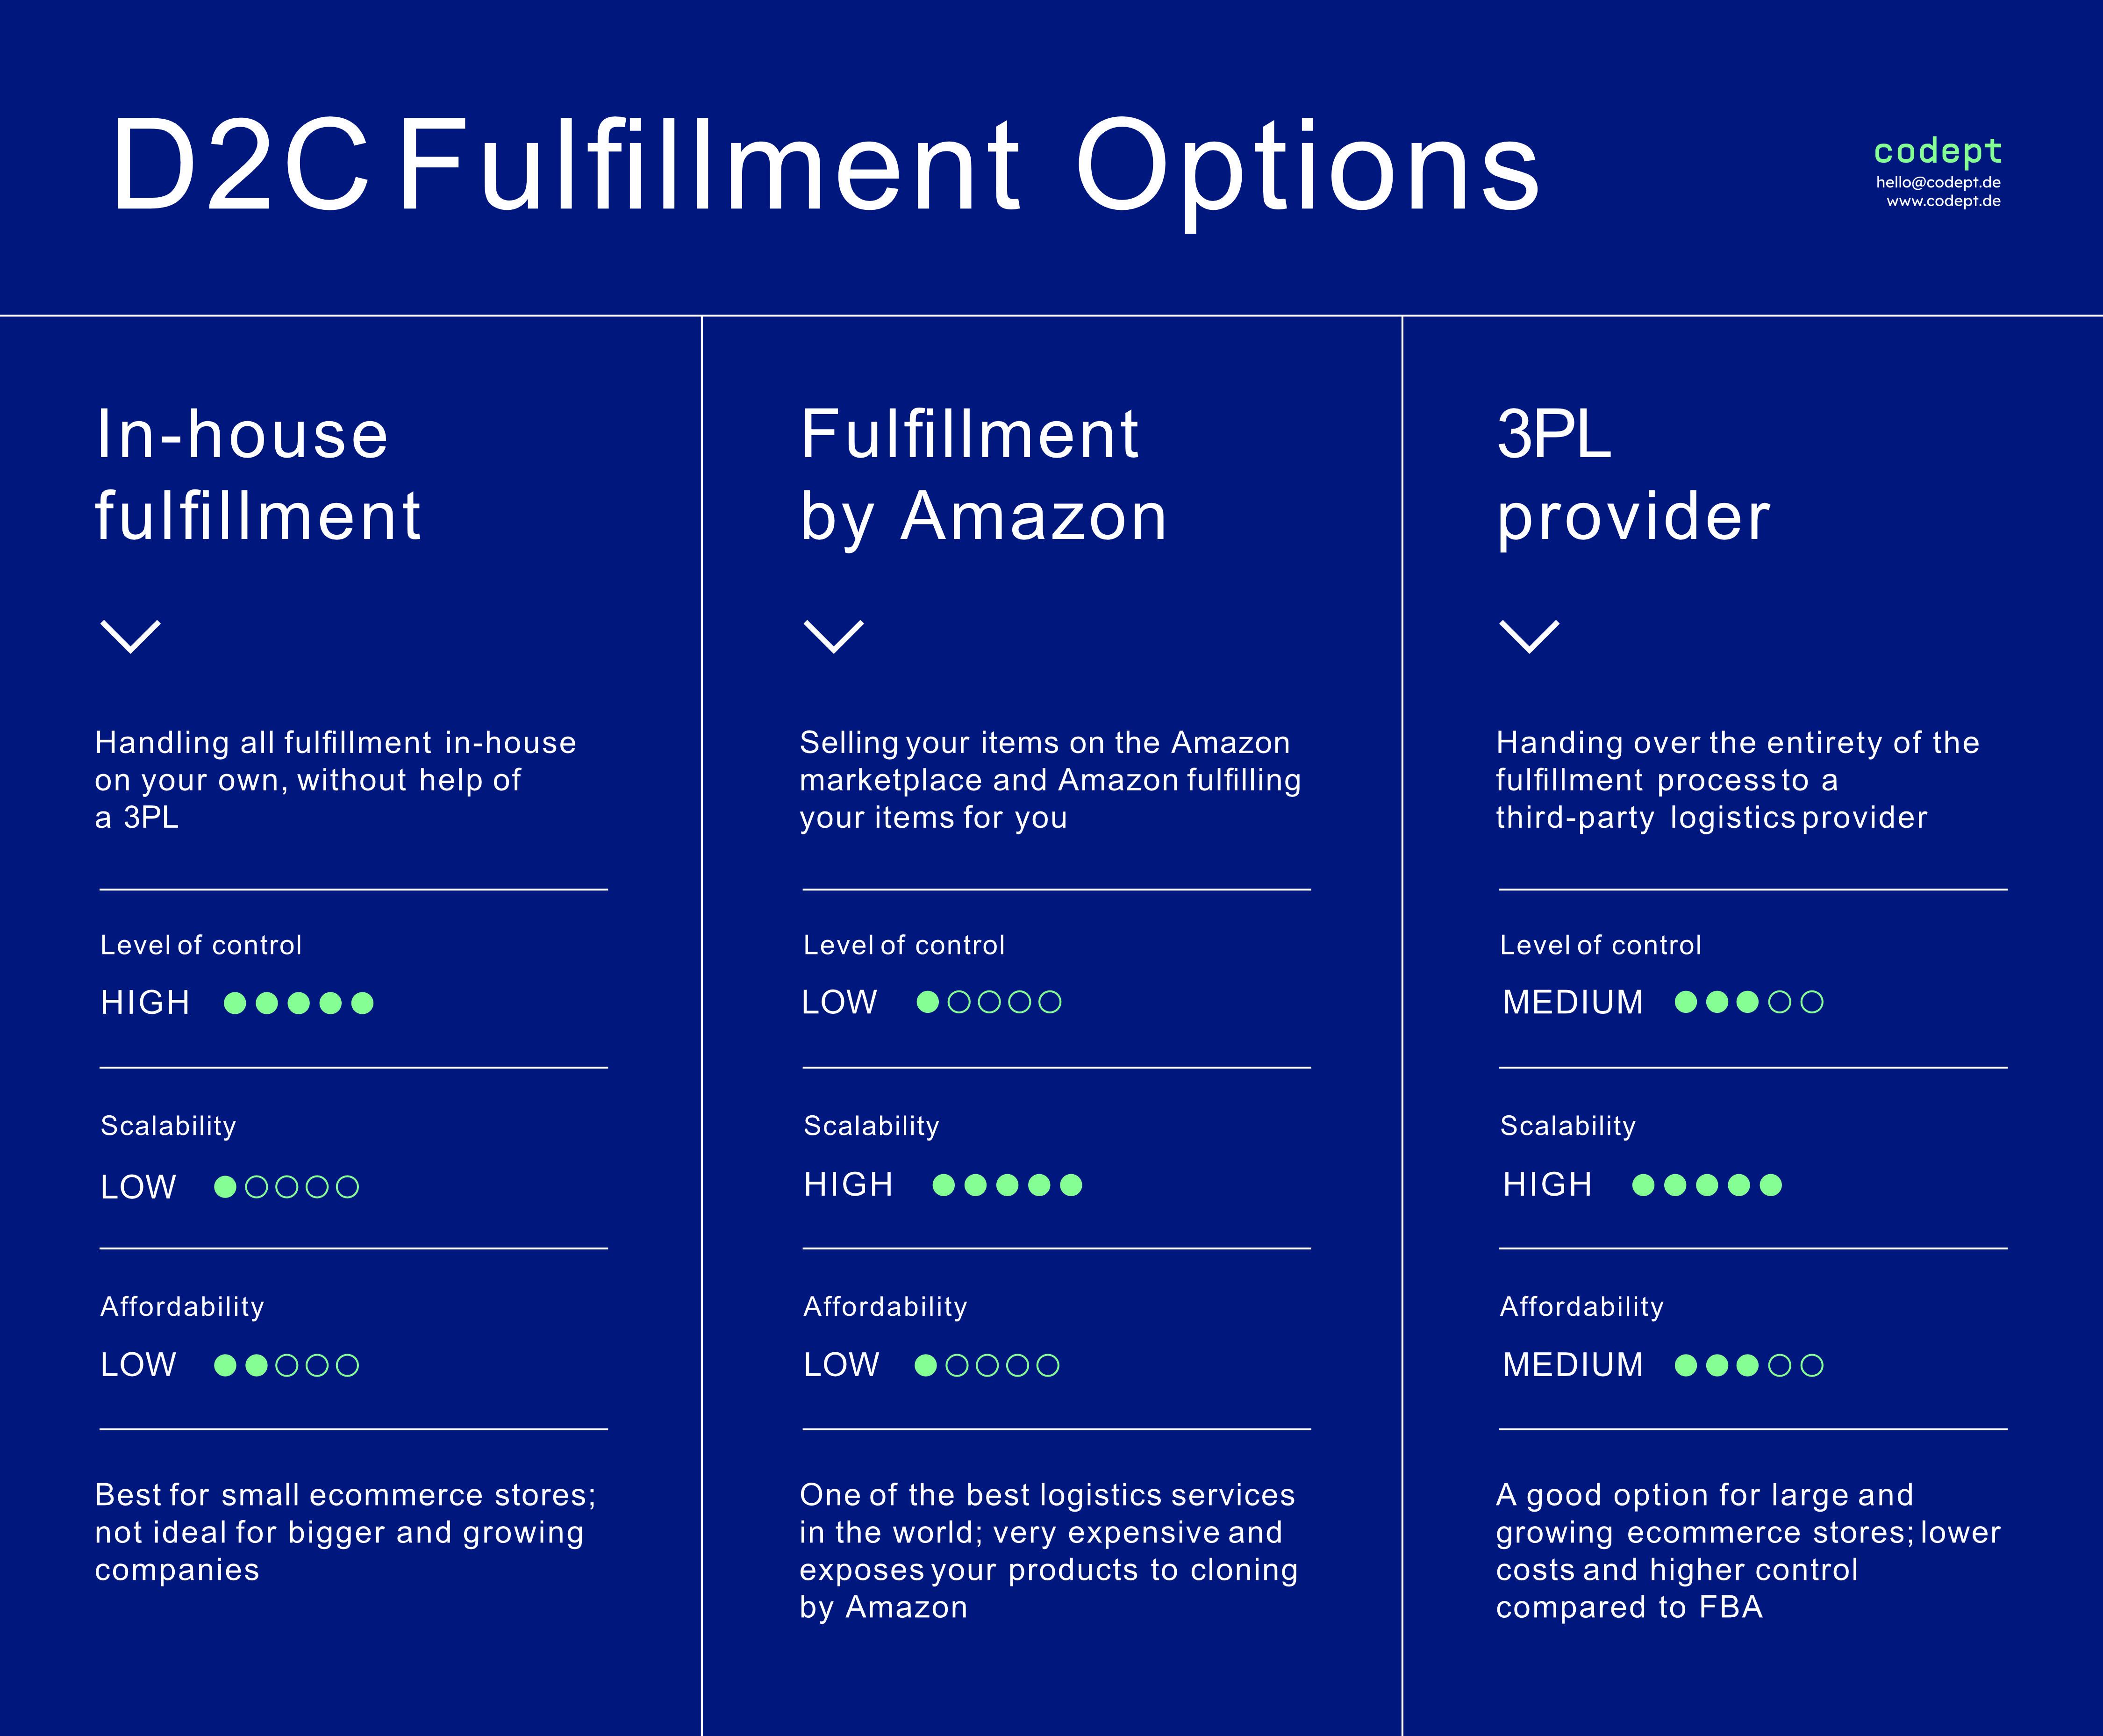 D2C Fulfillment Options